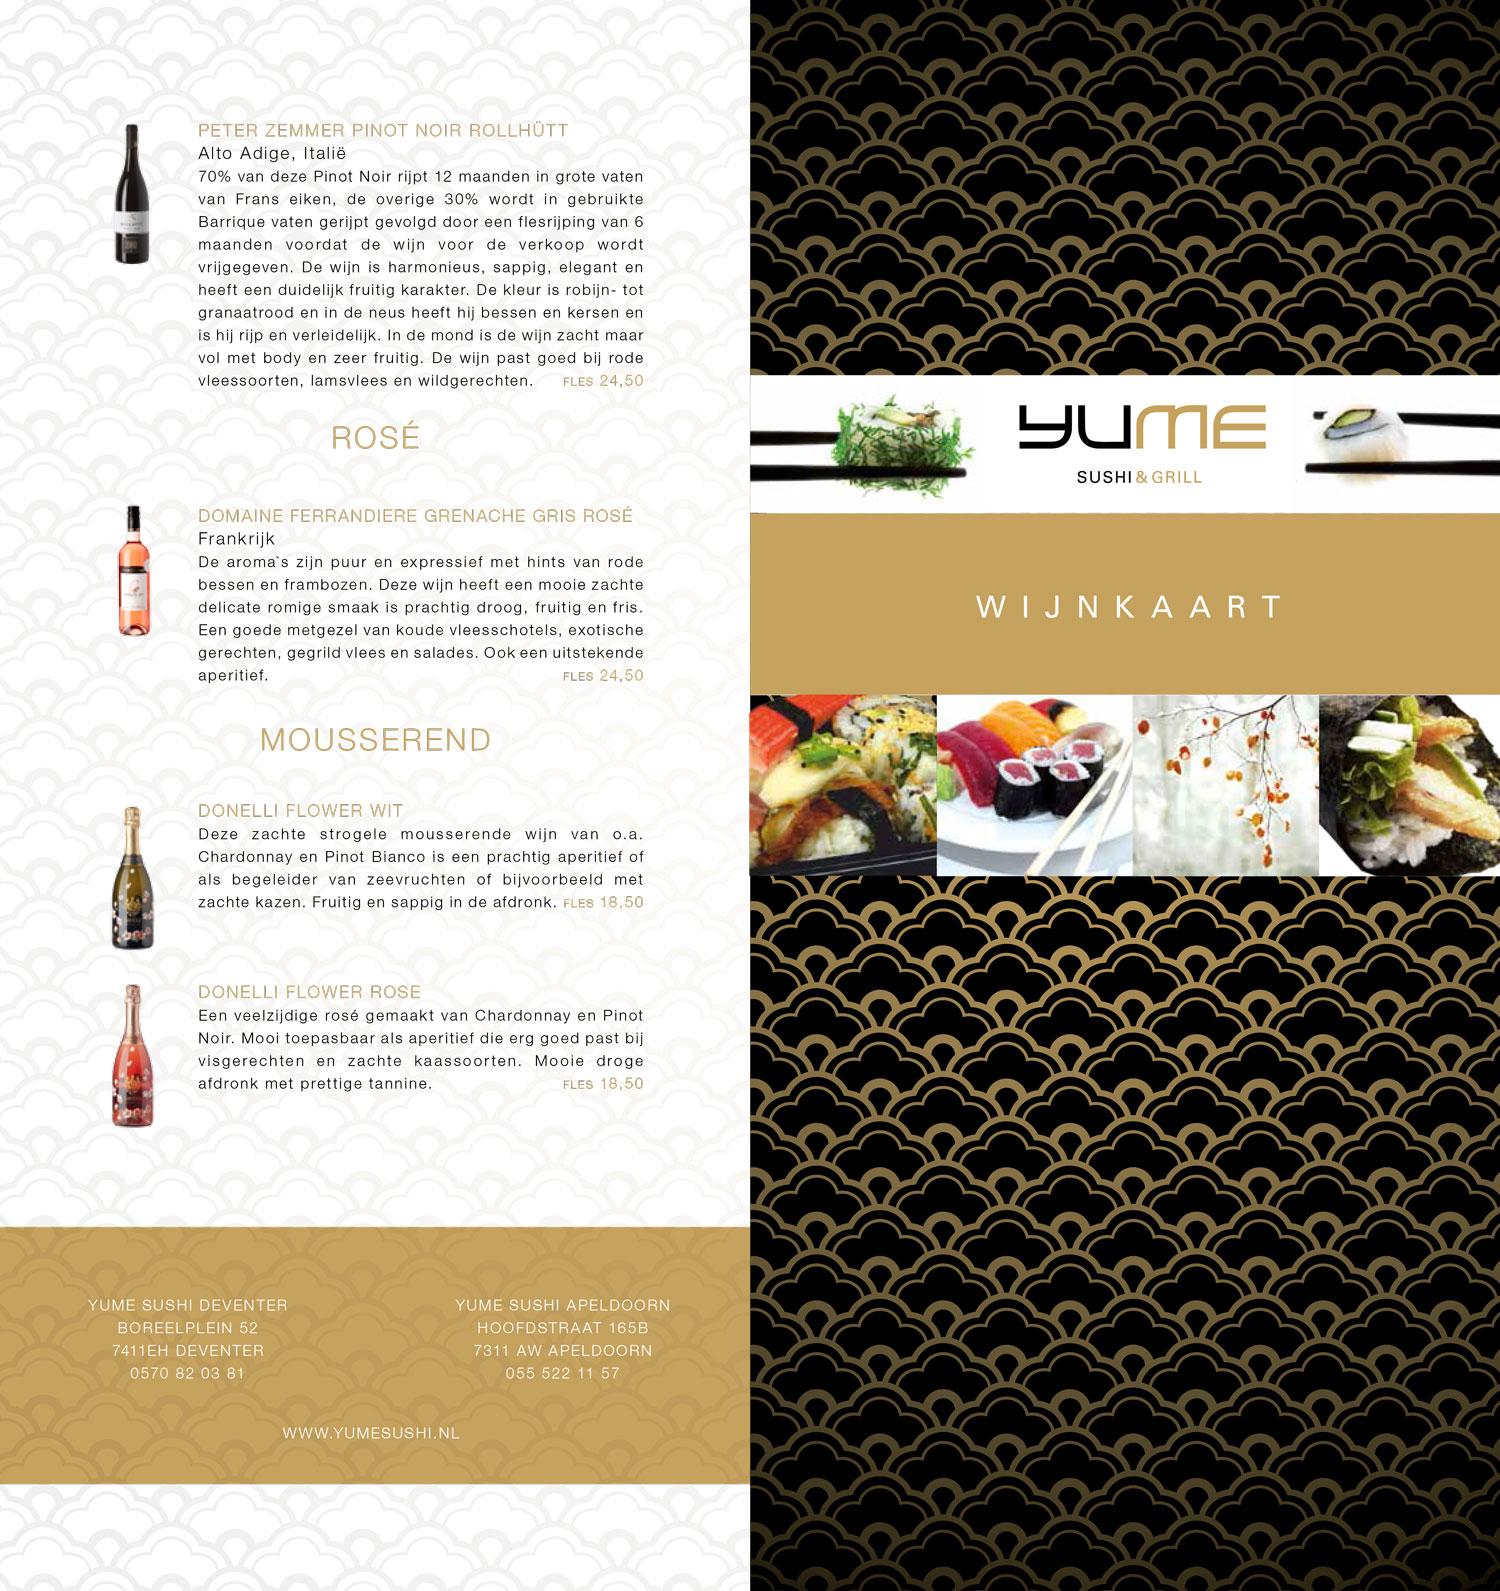 Yume Deventer Wijnkaart